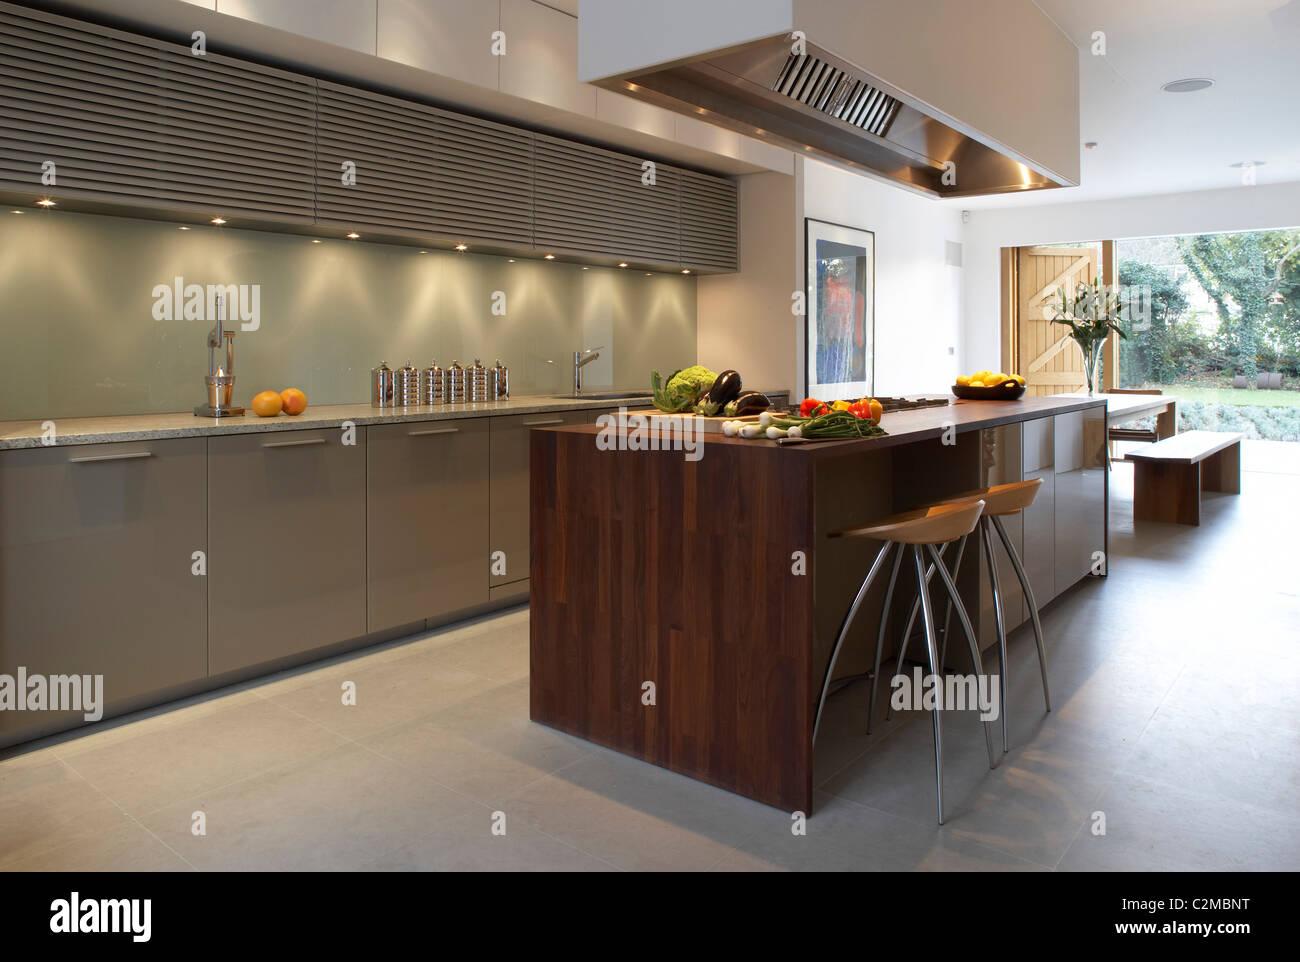 Etang Et Maison Du Parc 76200 Londres Cuisine Americaine Moderne